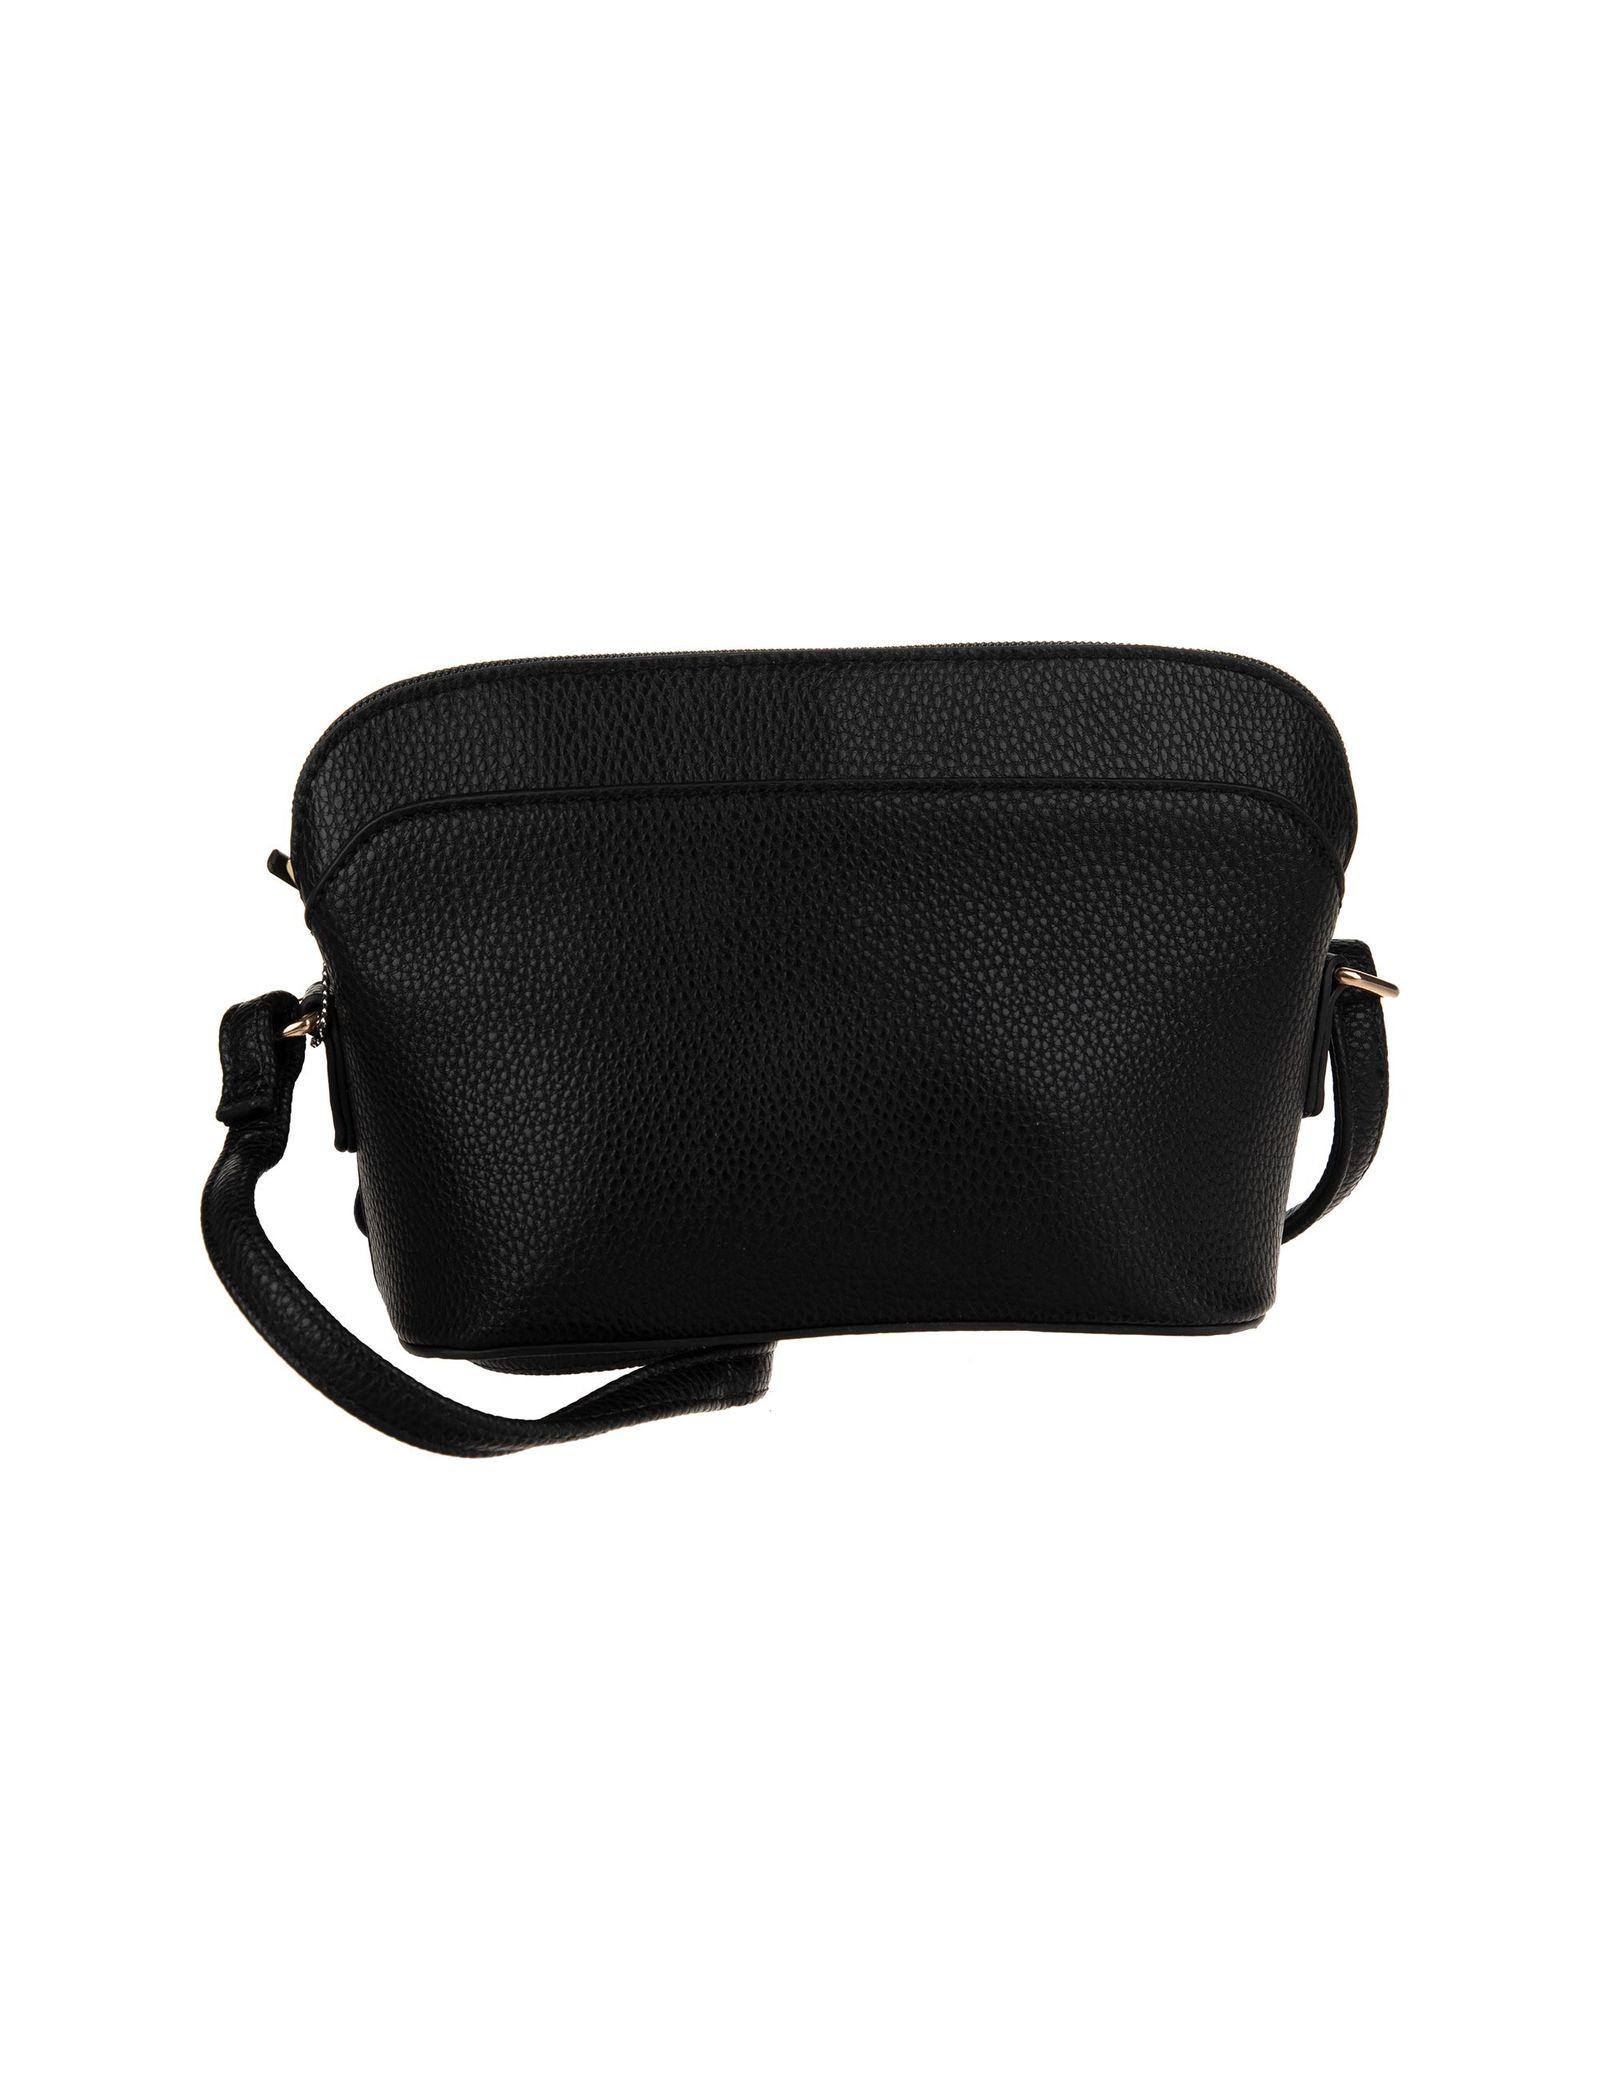 کیف دوشی روزمره زنانه - دادلین تک سایز - مشکي - 1